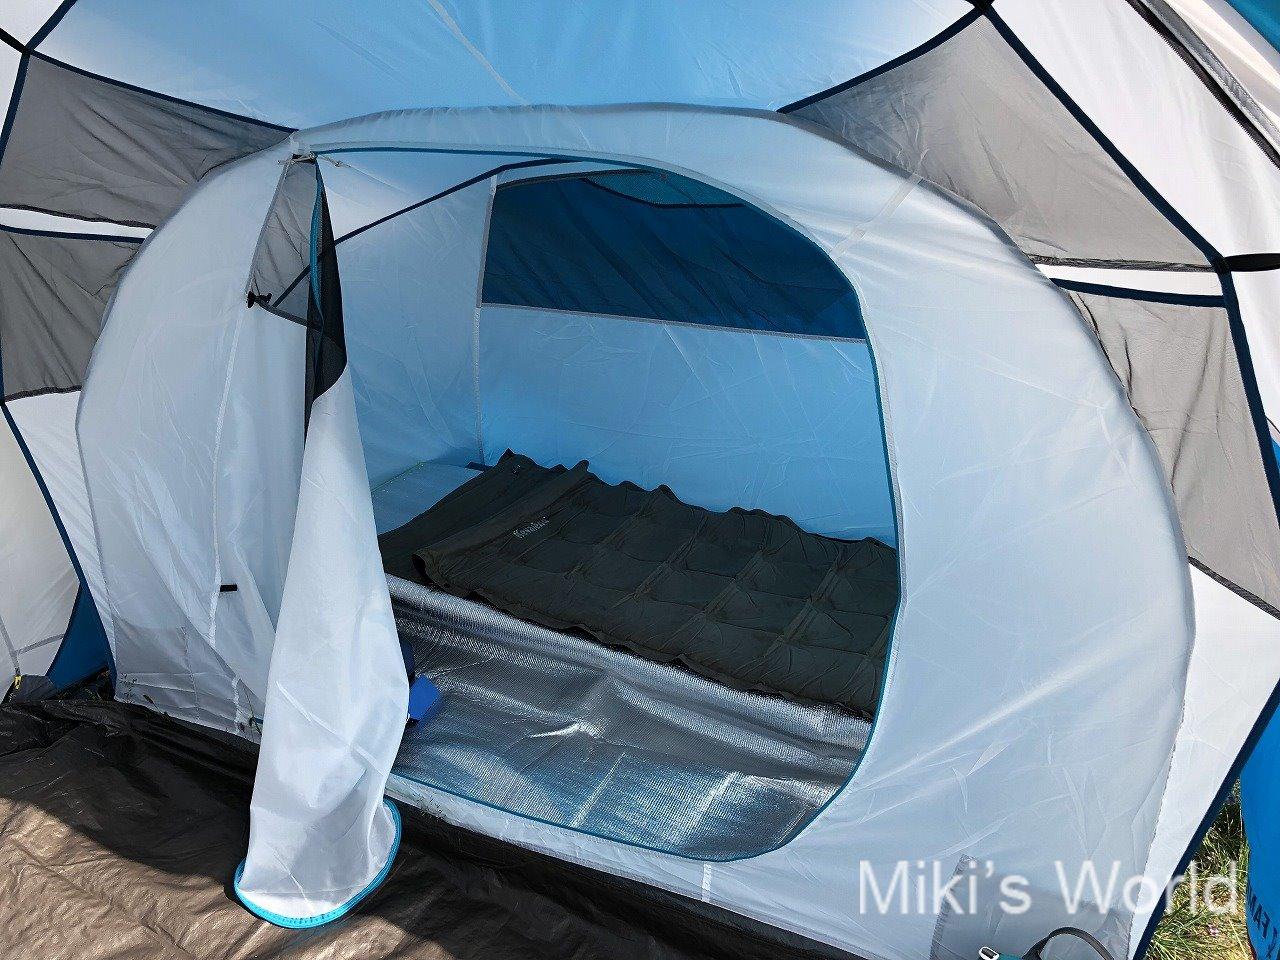 モンゴルでのテントキャンプ生活をしてわかったこと